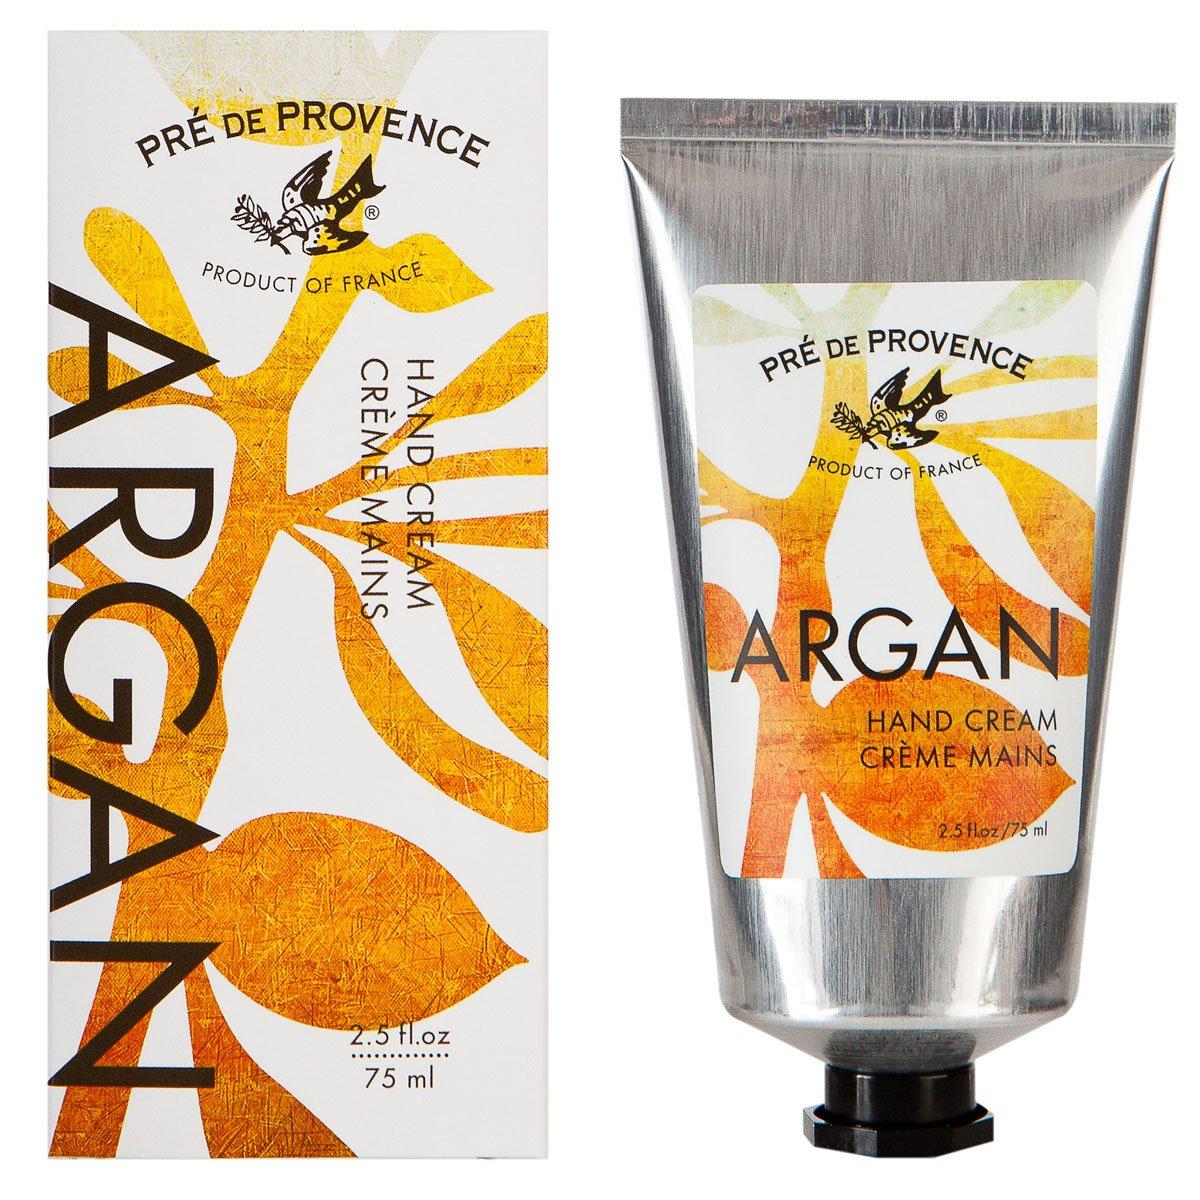 Pre de Provence Argan Hand Cream 75 ml